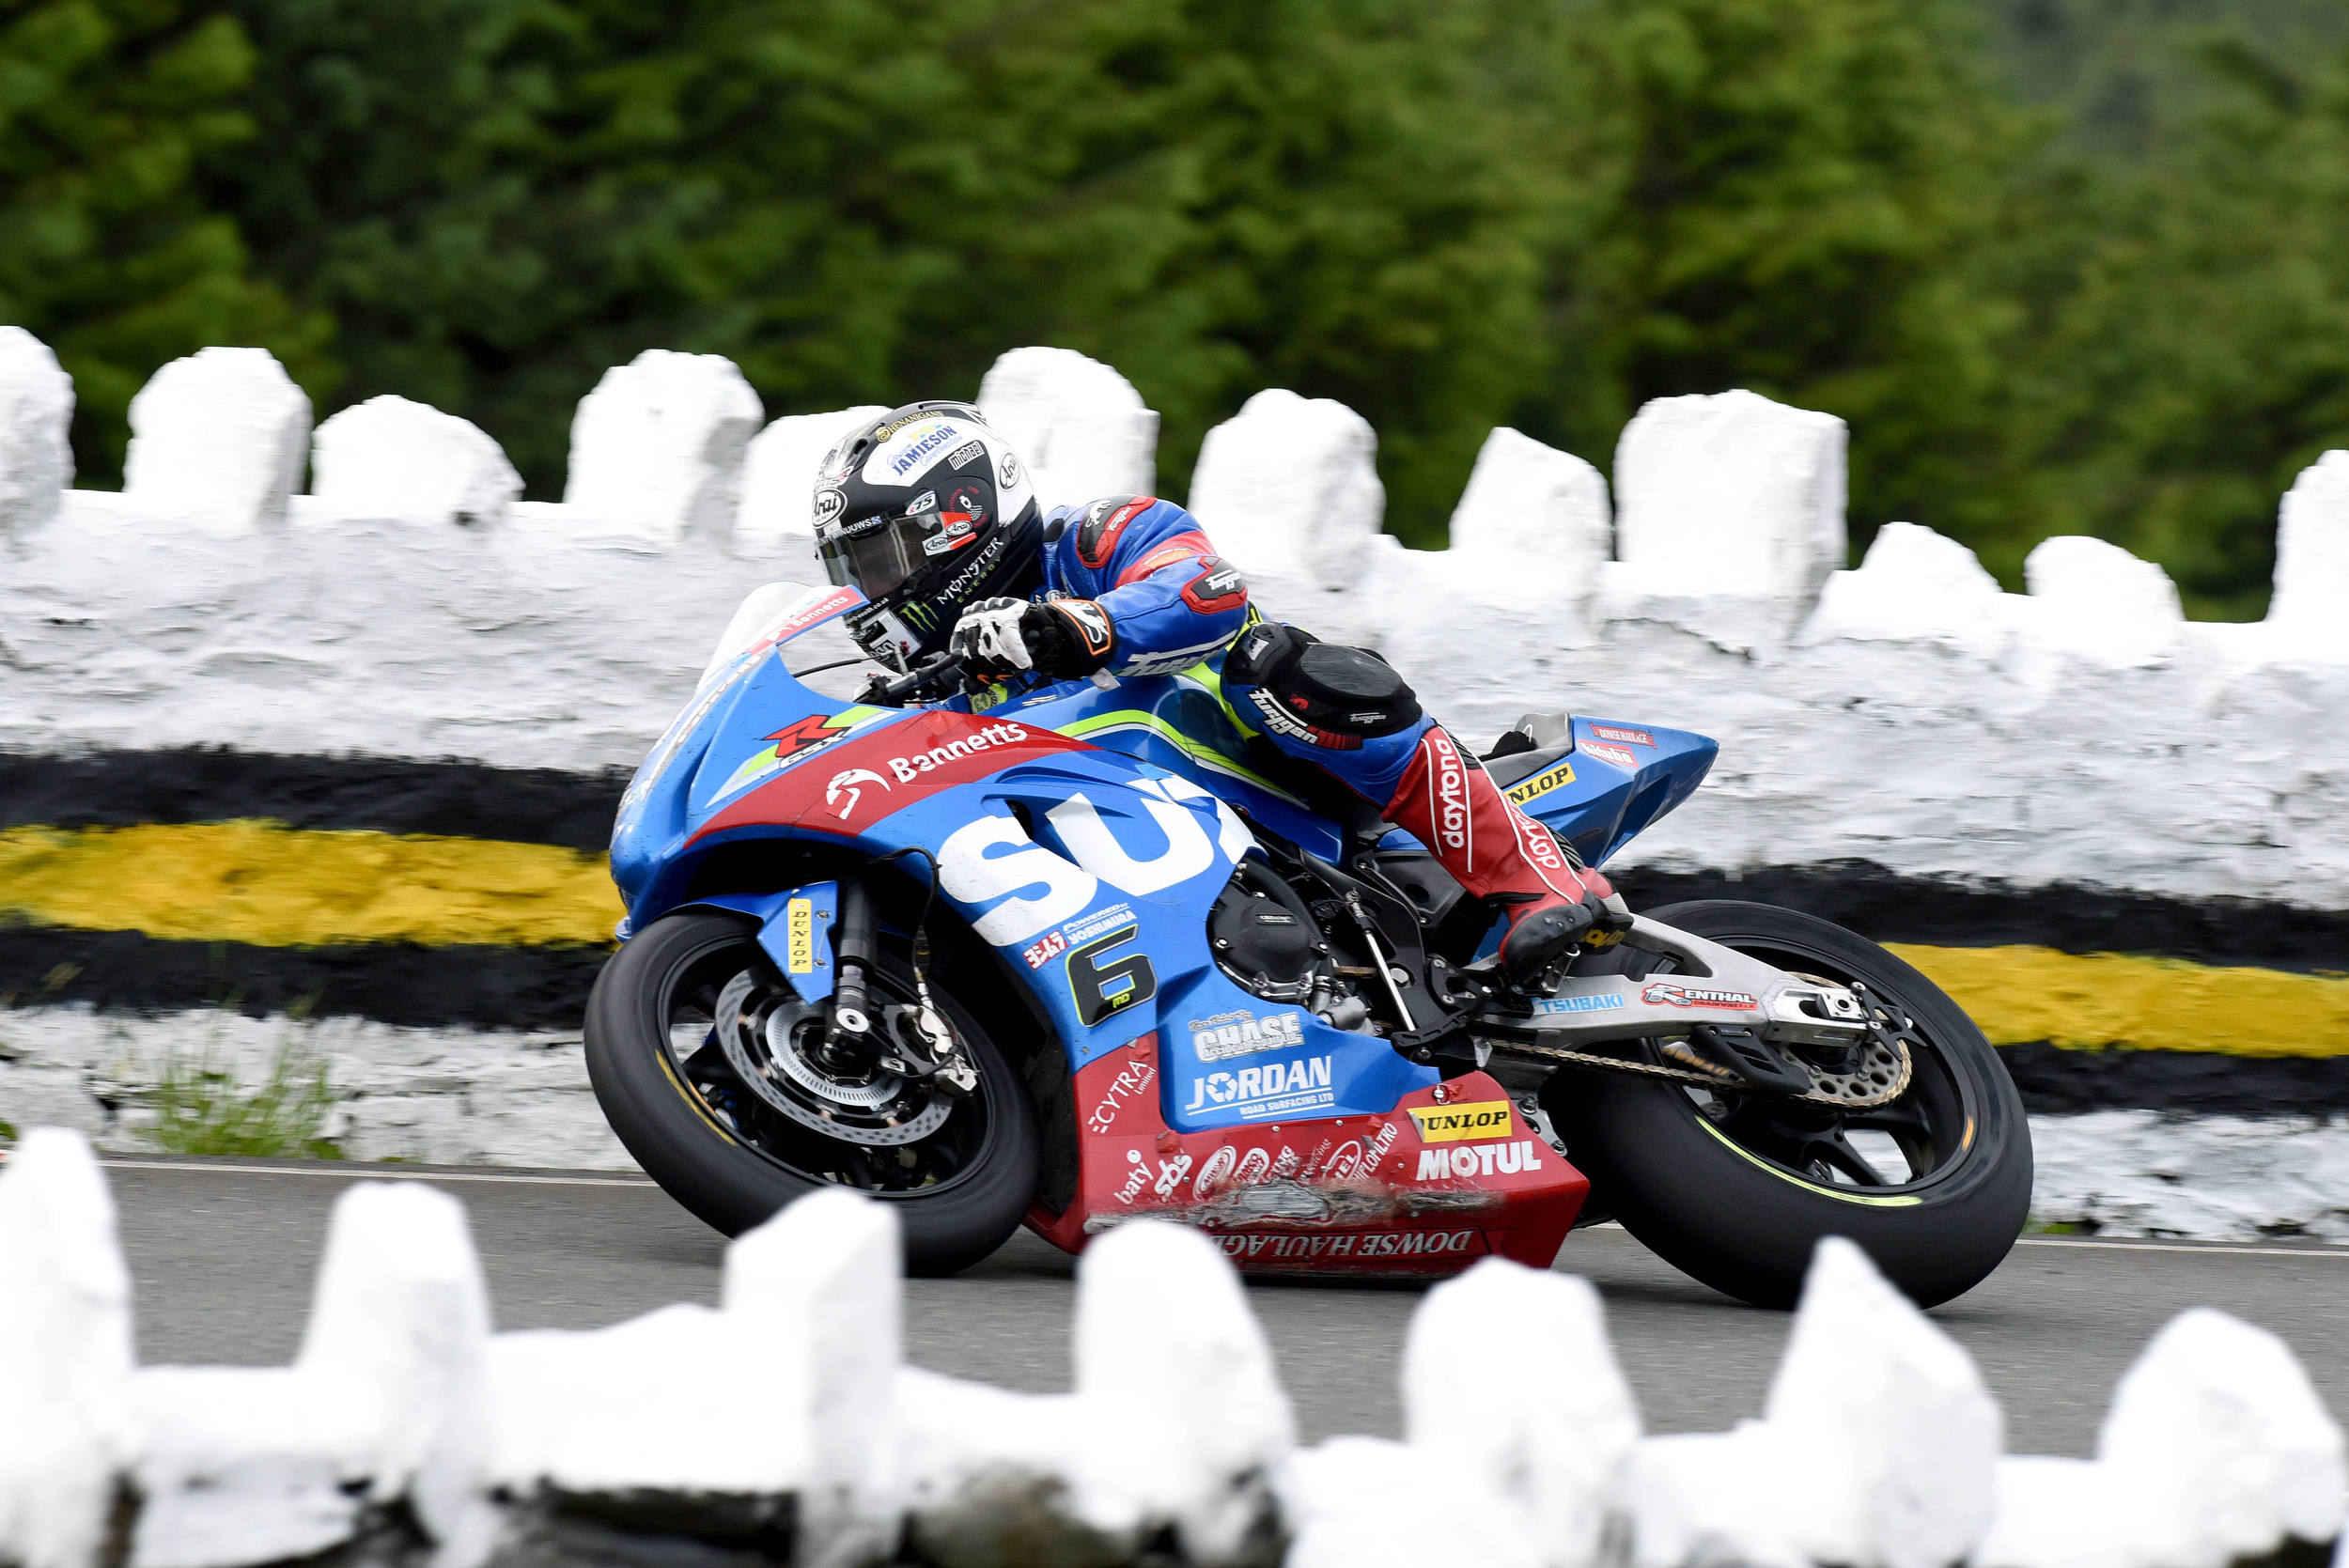 Senior TT 2017 winner Michael Dunlop